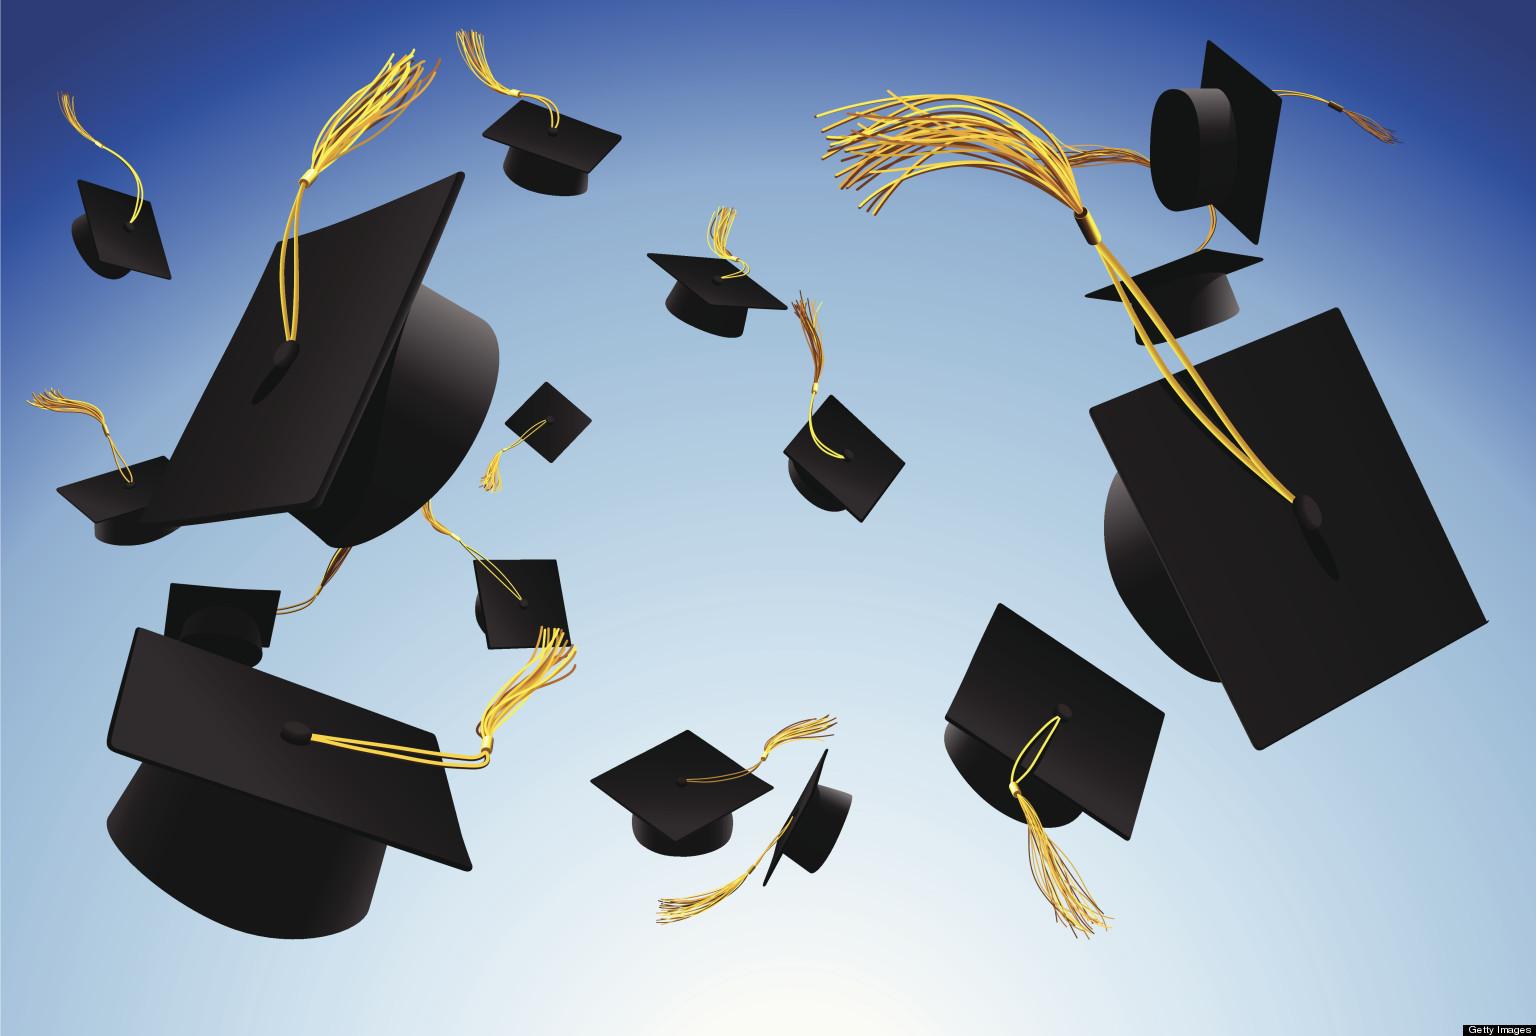 صور عن التخرج من الجامعة (3)